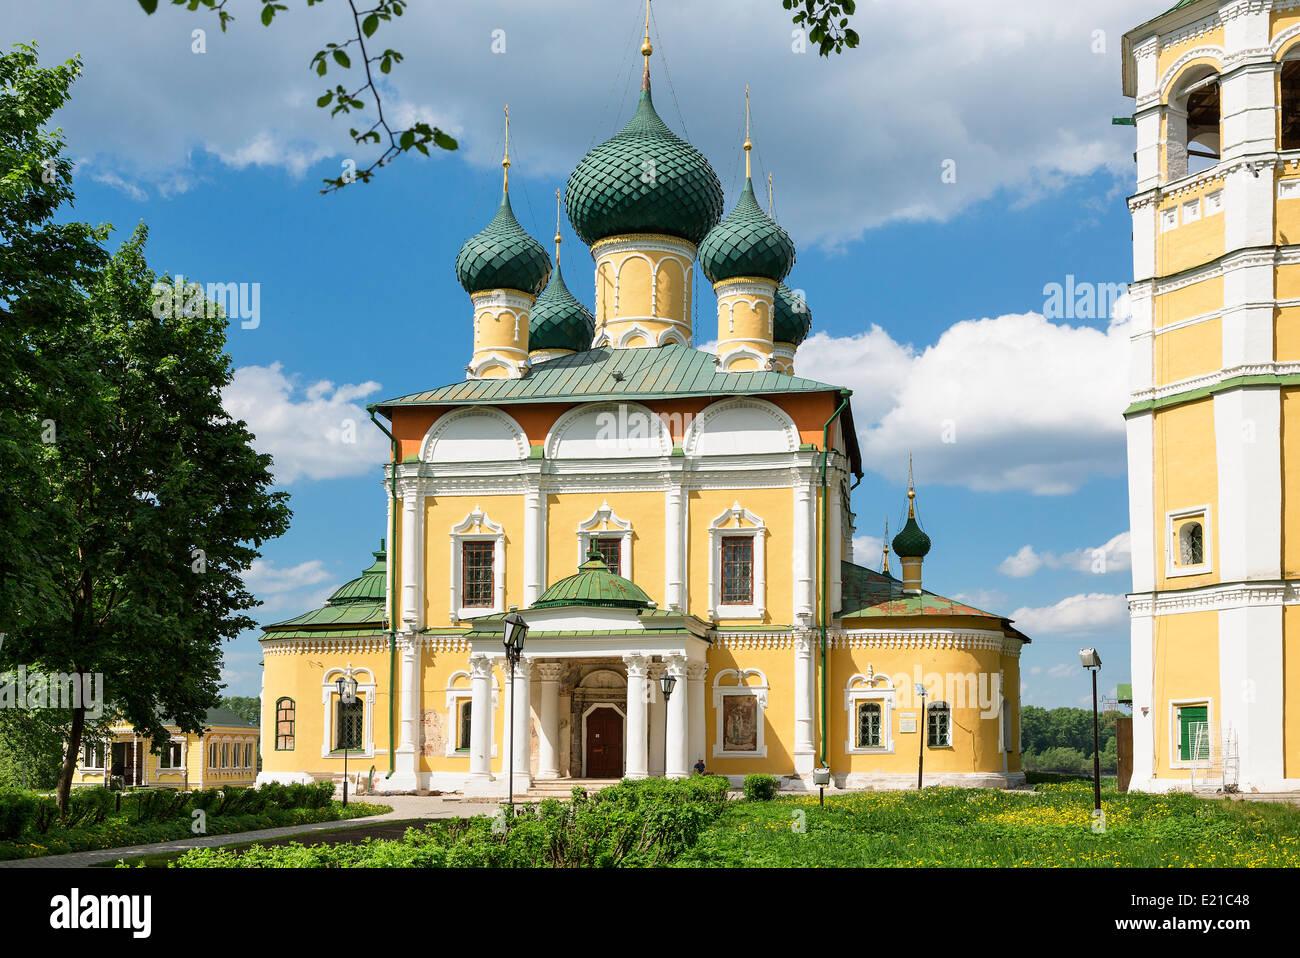 Rusia, Uglich, Catedral de la Transfiguración Imagen De Stock